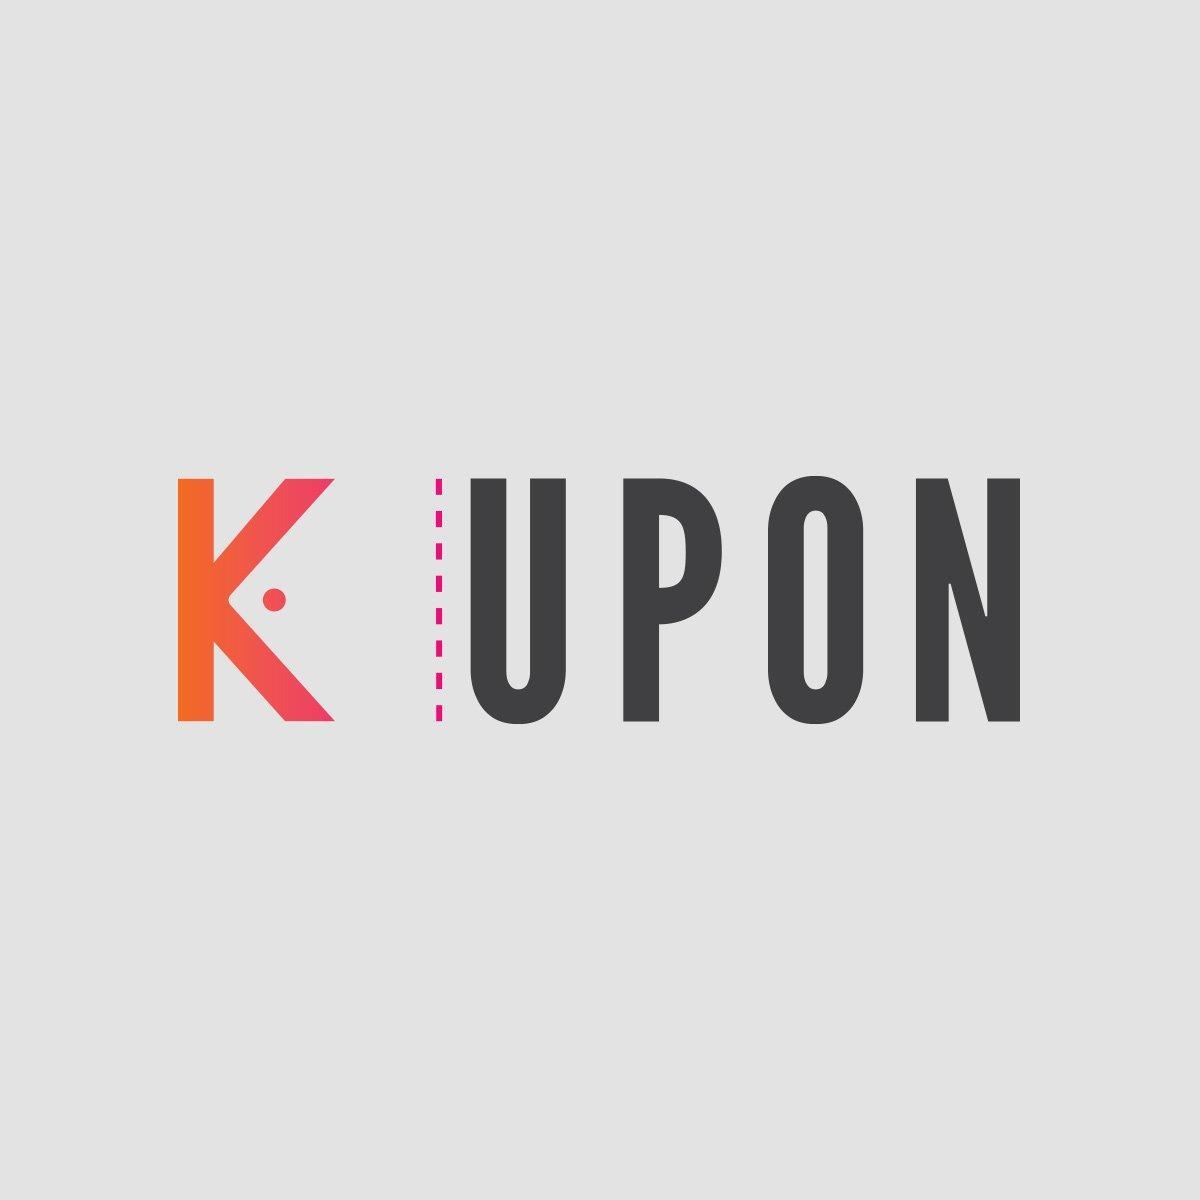 Kupon Logo